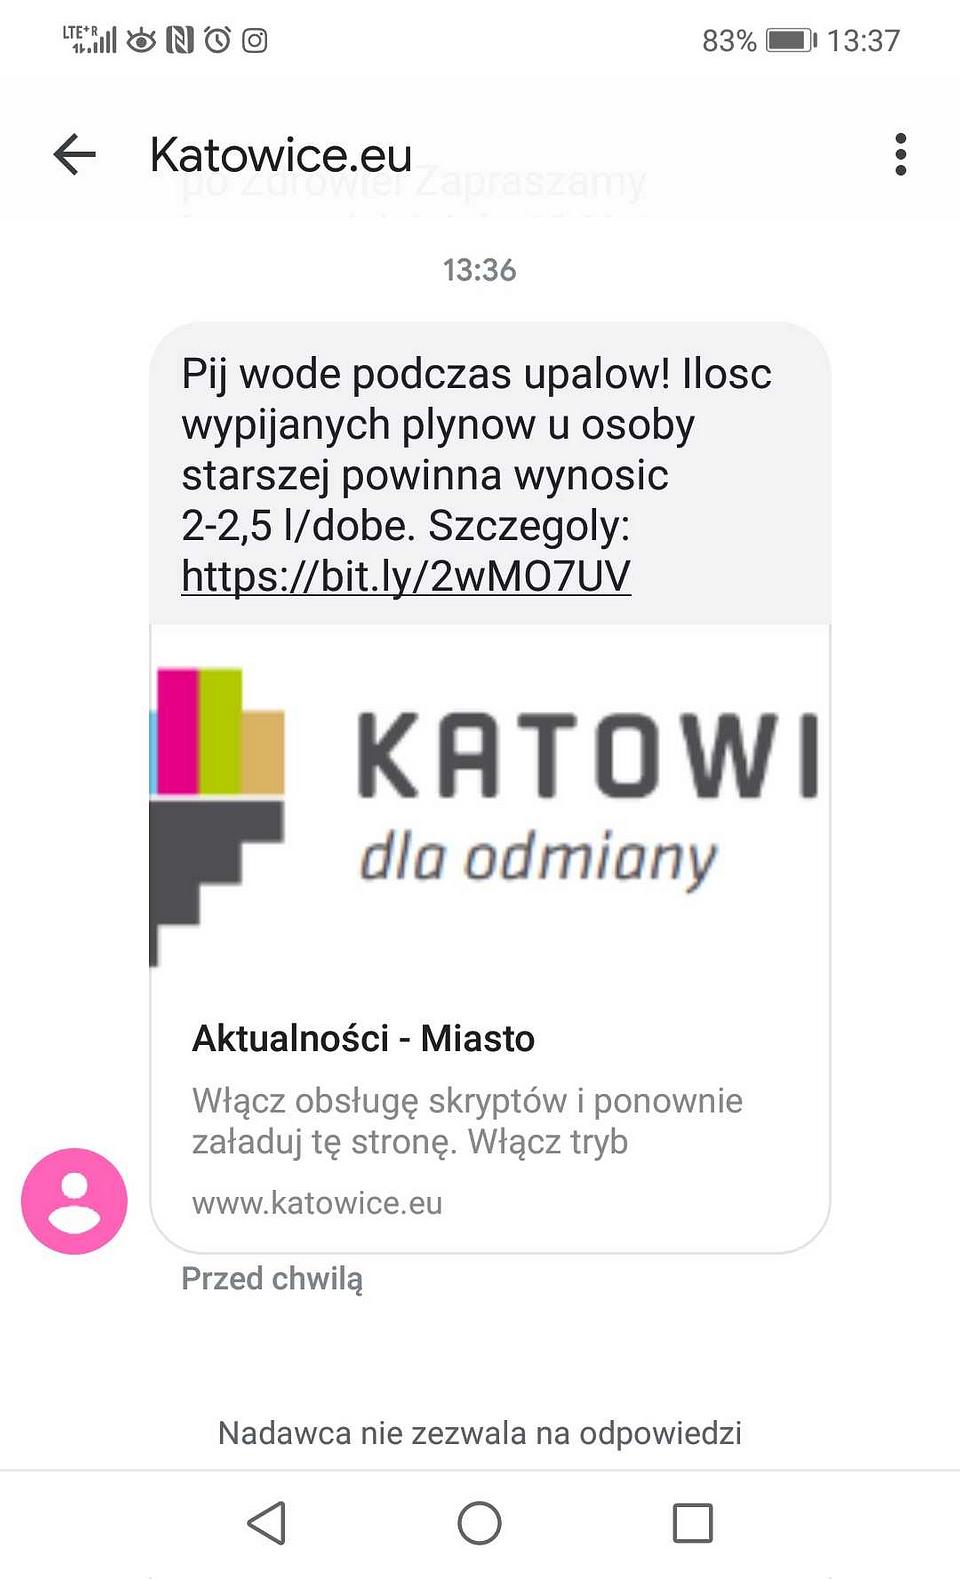 SMS od Urzędu Miasta Katowice; Źródło SMSAPI